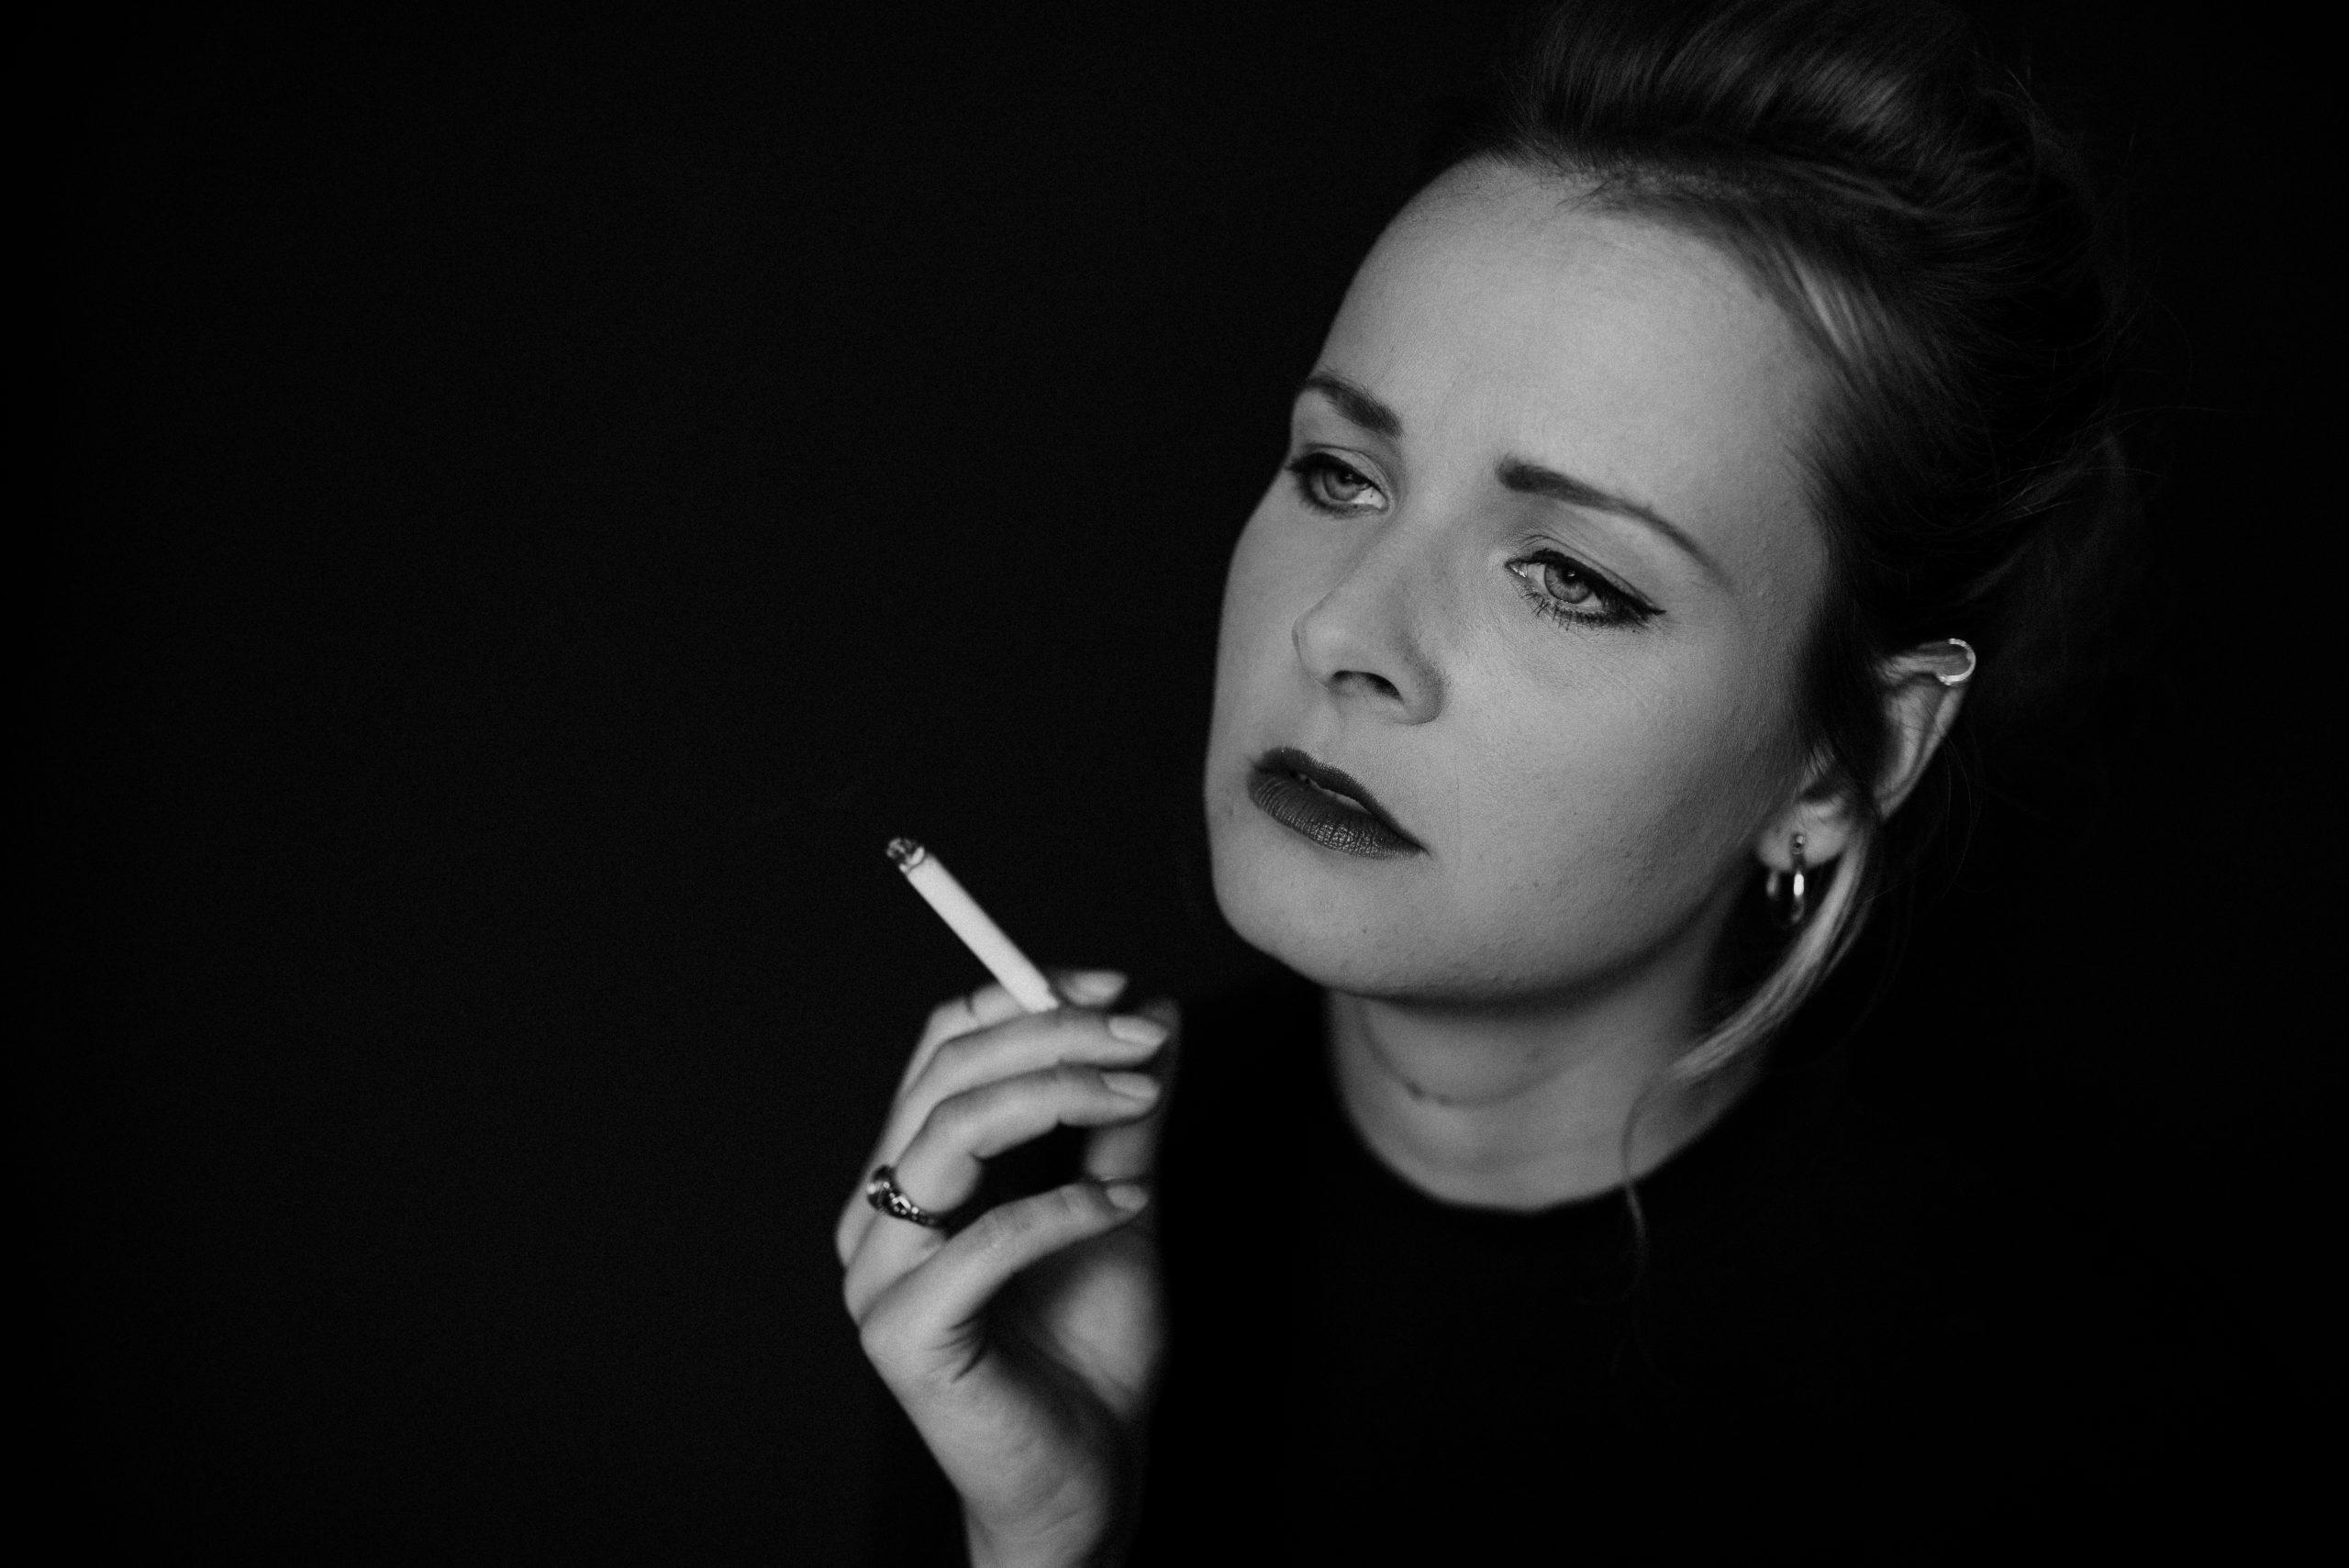 Frau mit Zigarette blickt zur Seite